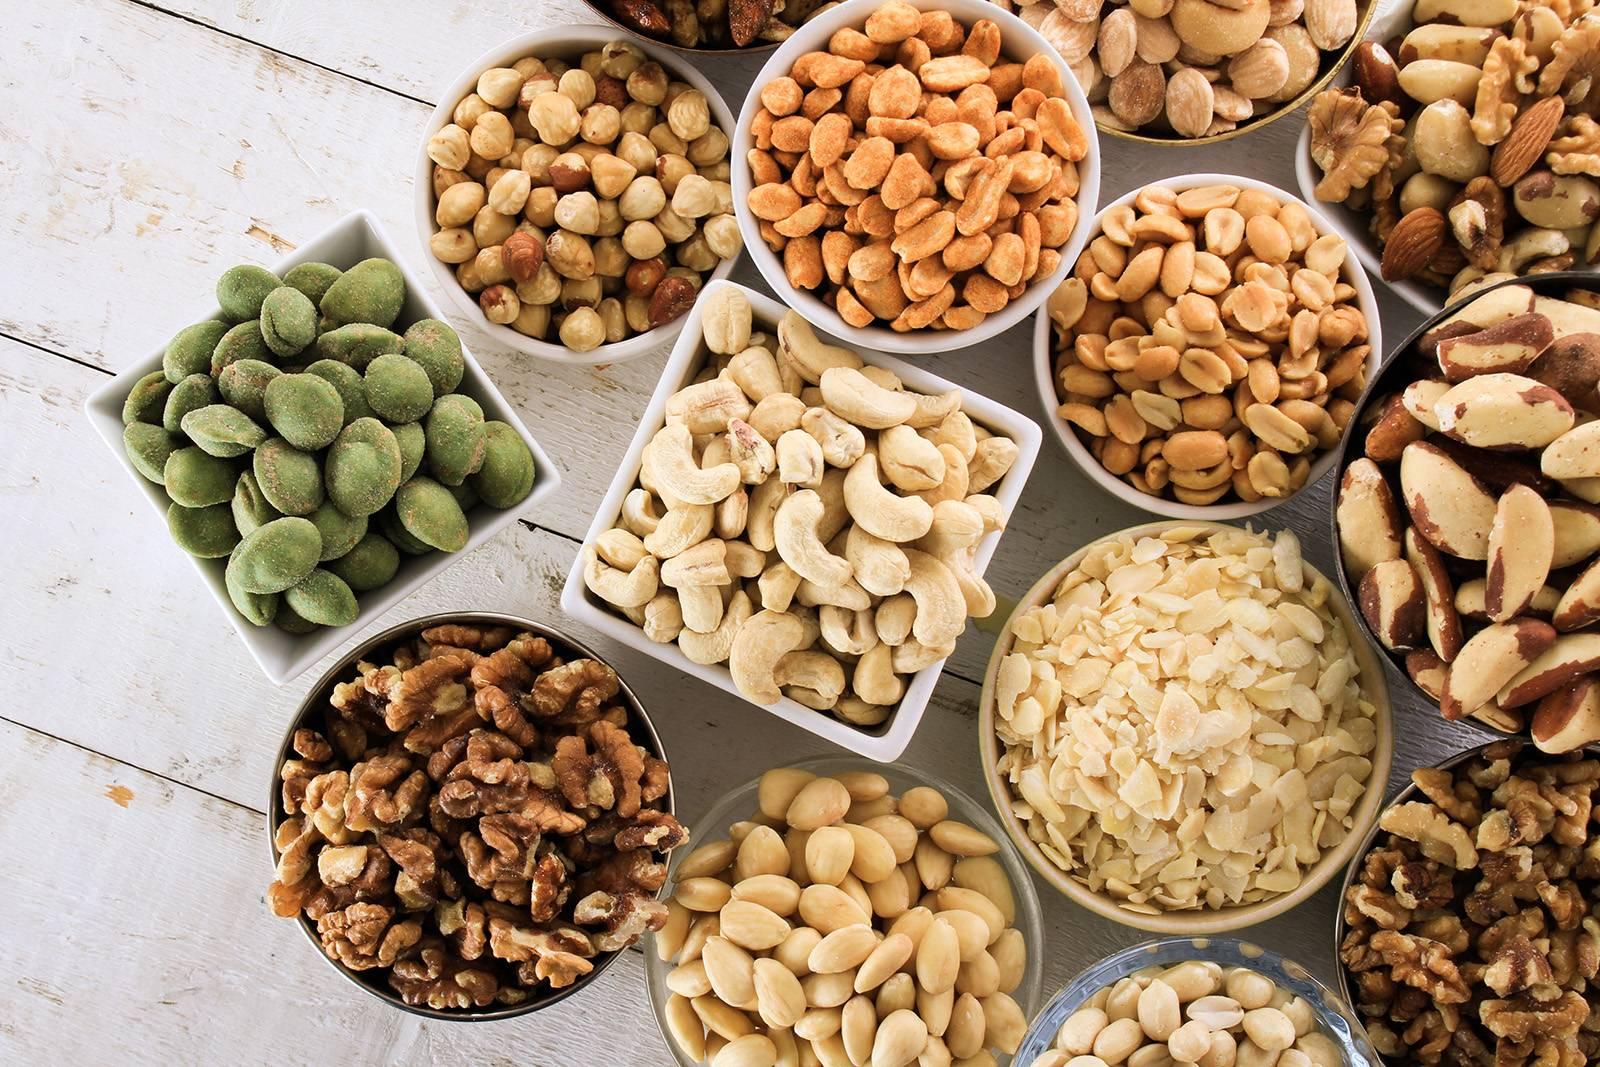 Арахис для мужчин: польза и вред земляного ореха для организма